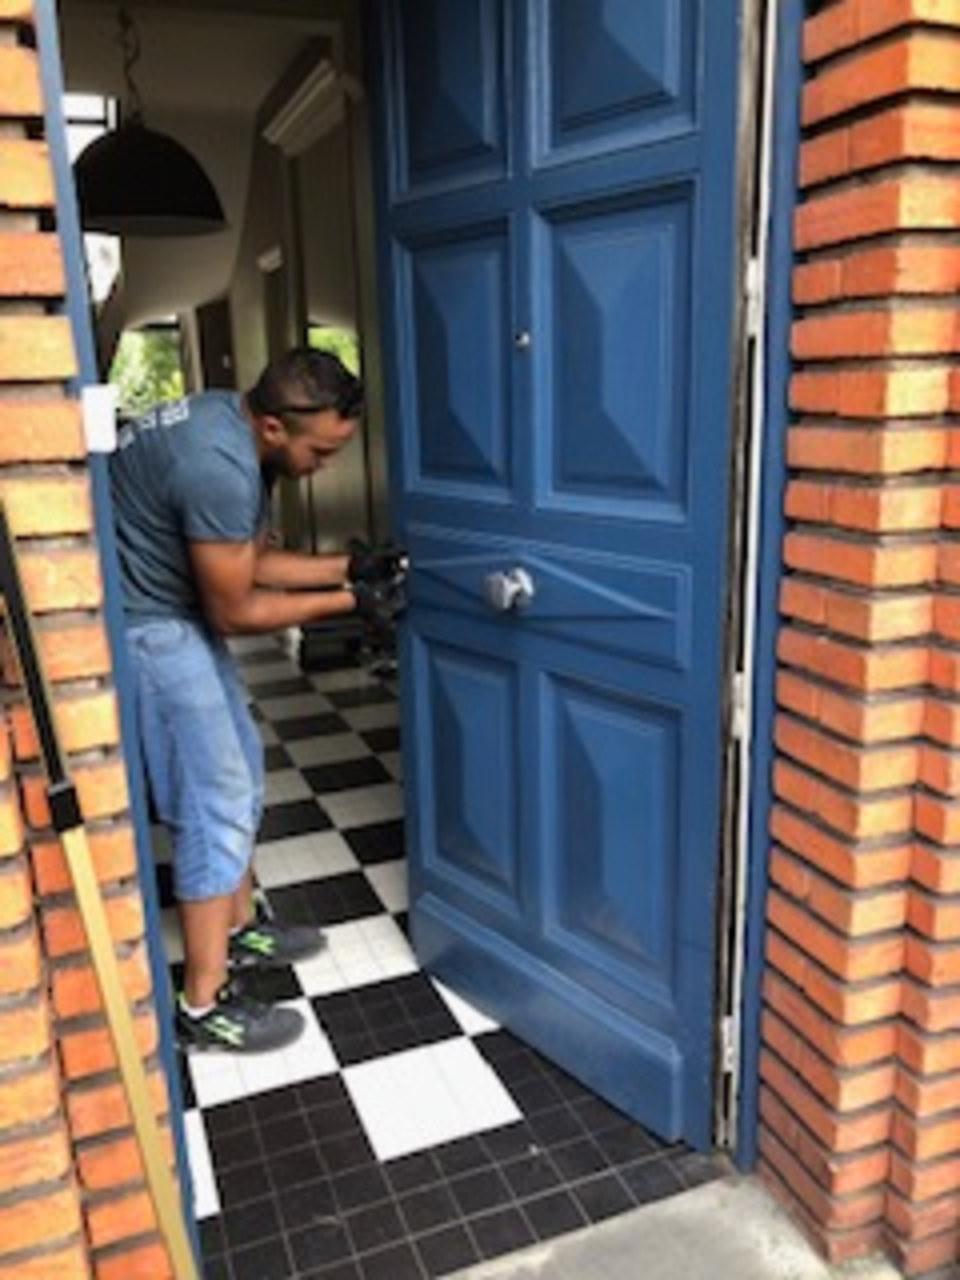 Artisans serruriers-métalliers reconnus, les serruriers AF Serrurier Clermont Fe